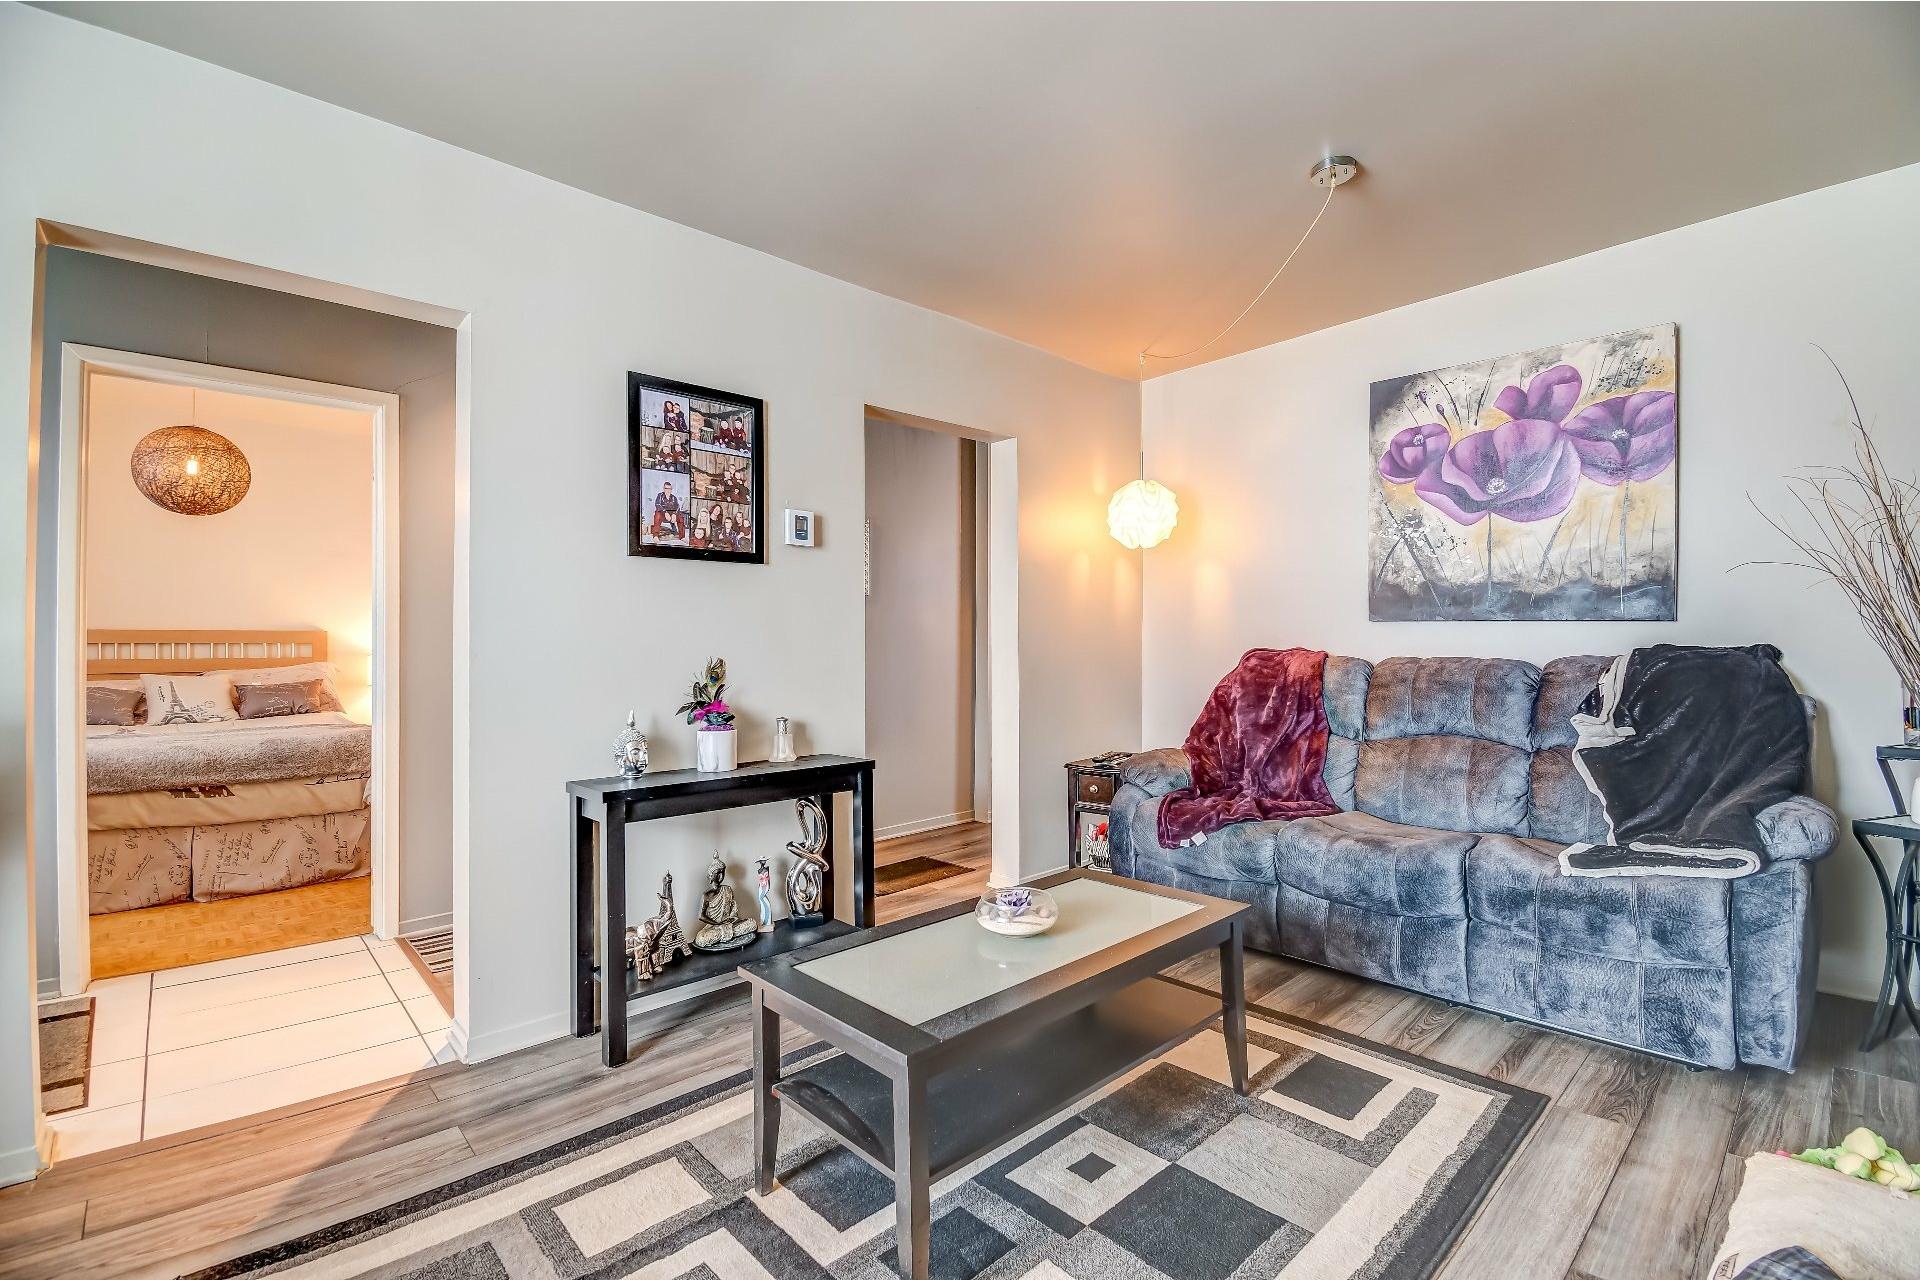 image 17 - Duplex À vendre Trois-Rivières - 3 pièces